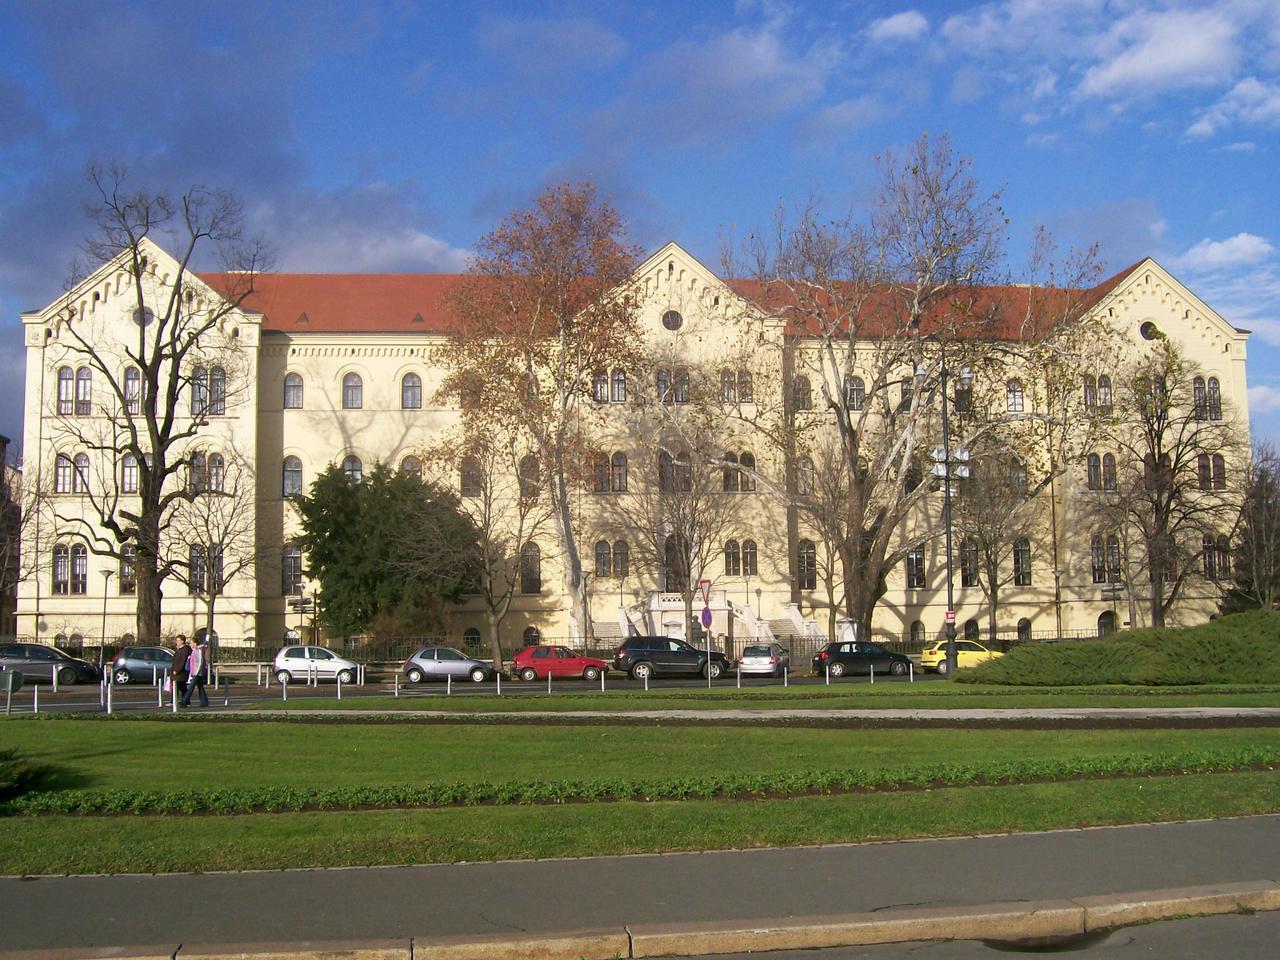 University_of_zagreb_large